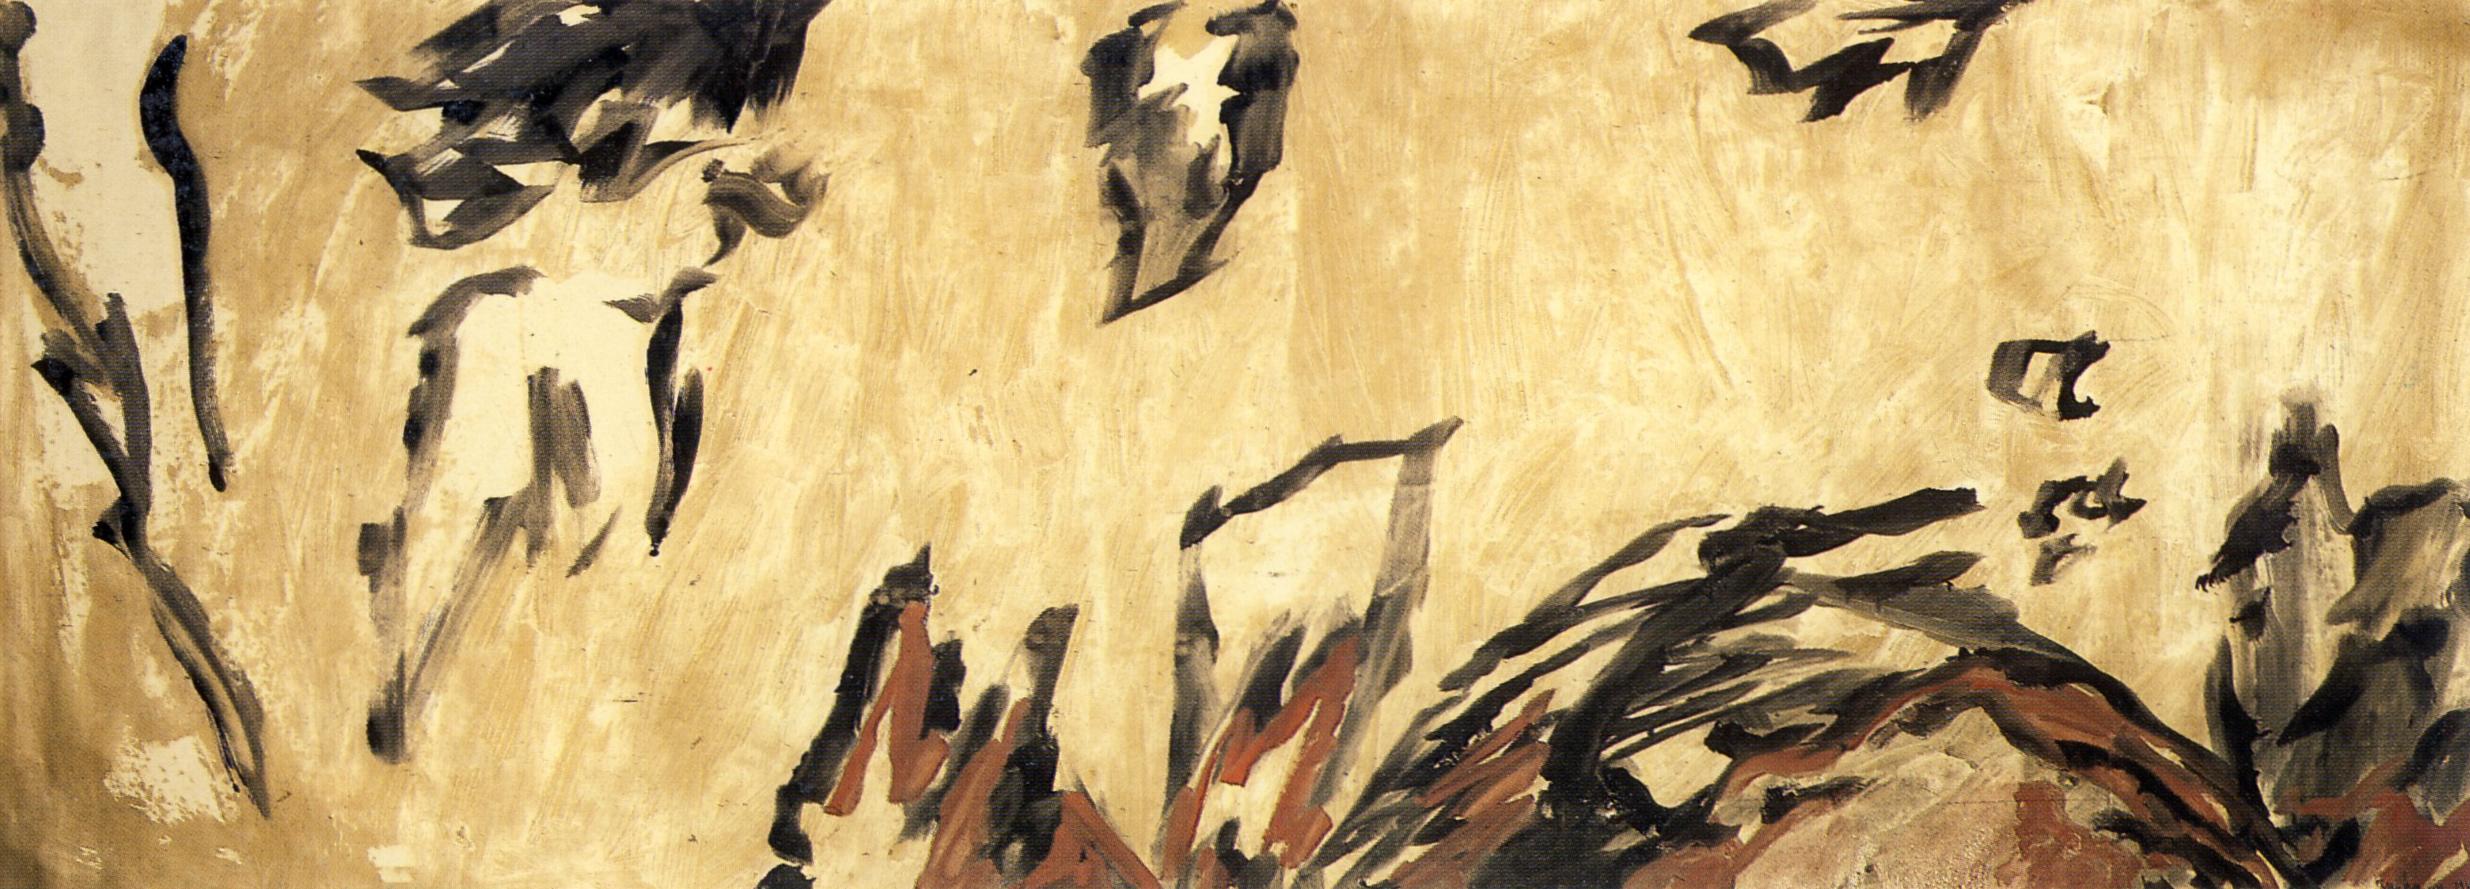 """senza titolo, dalla serie """"Tempo come creazione"""", 1988, olio su carta intelata, cm 150 x 410  untitled, from the series """"Tempo come creazione"""", 1988, oil on canvassed paper, cm 150 x 410"""